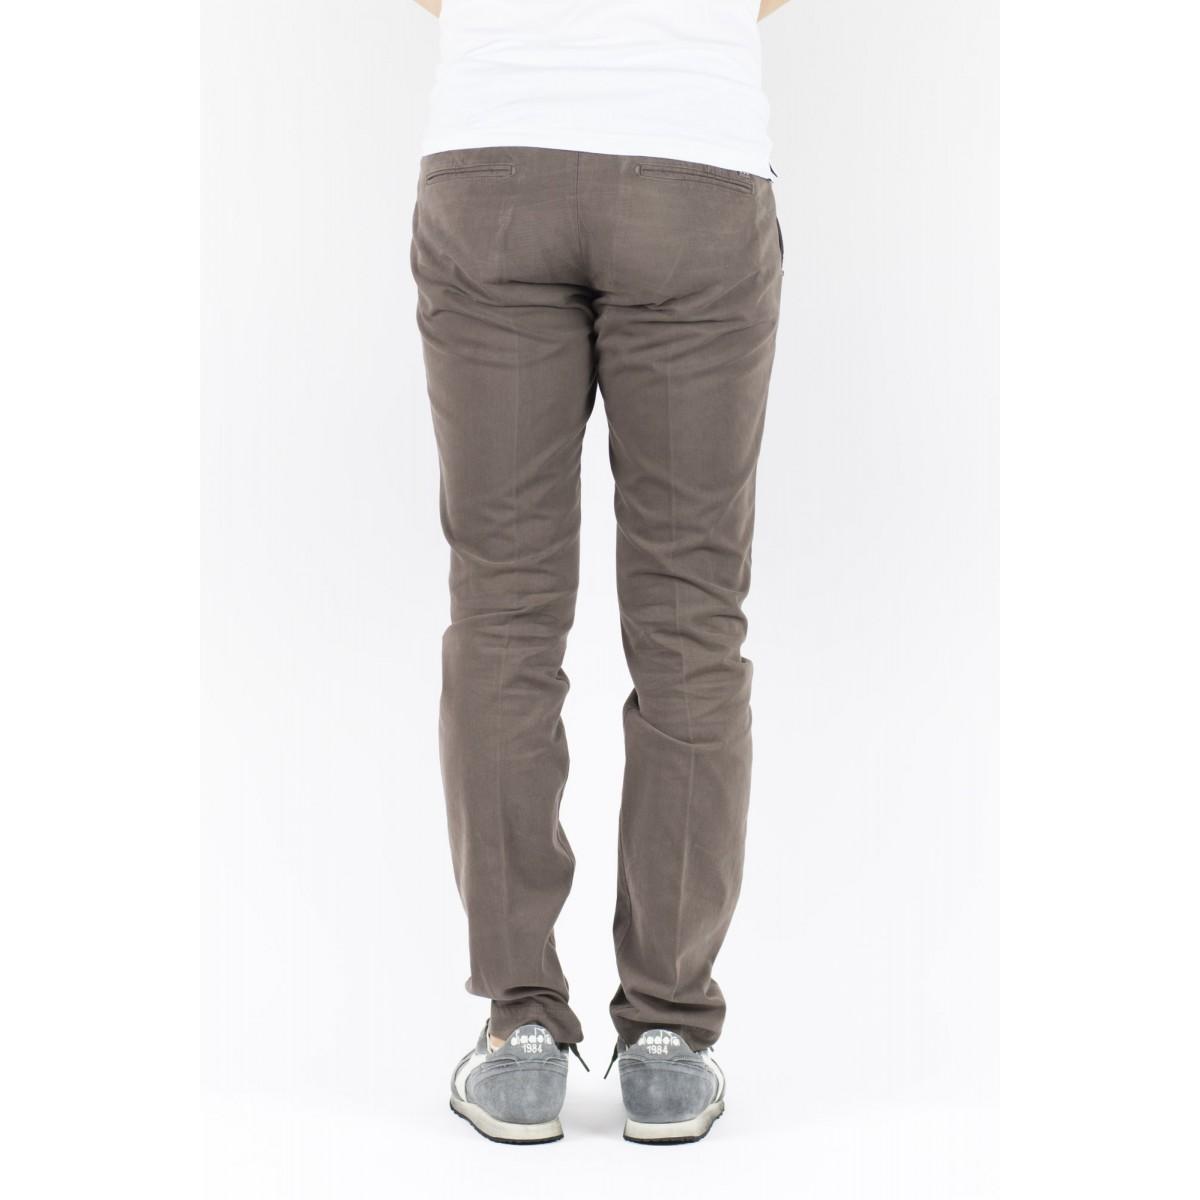 Pantalone uomo Entre amis - Pantalone tasca america slim con fondo 16cm 501 - Cioccolato